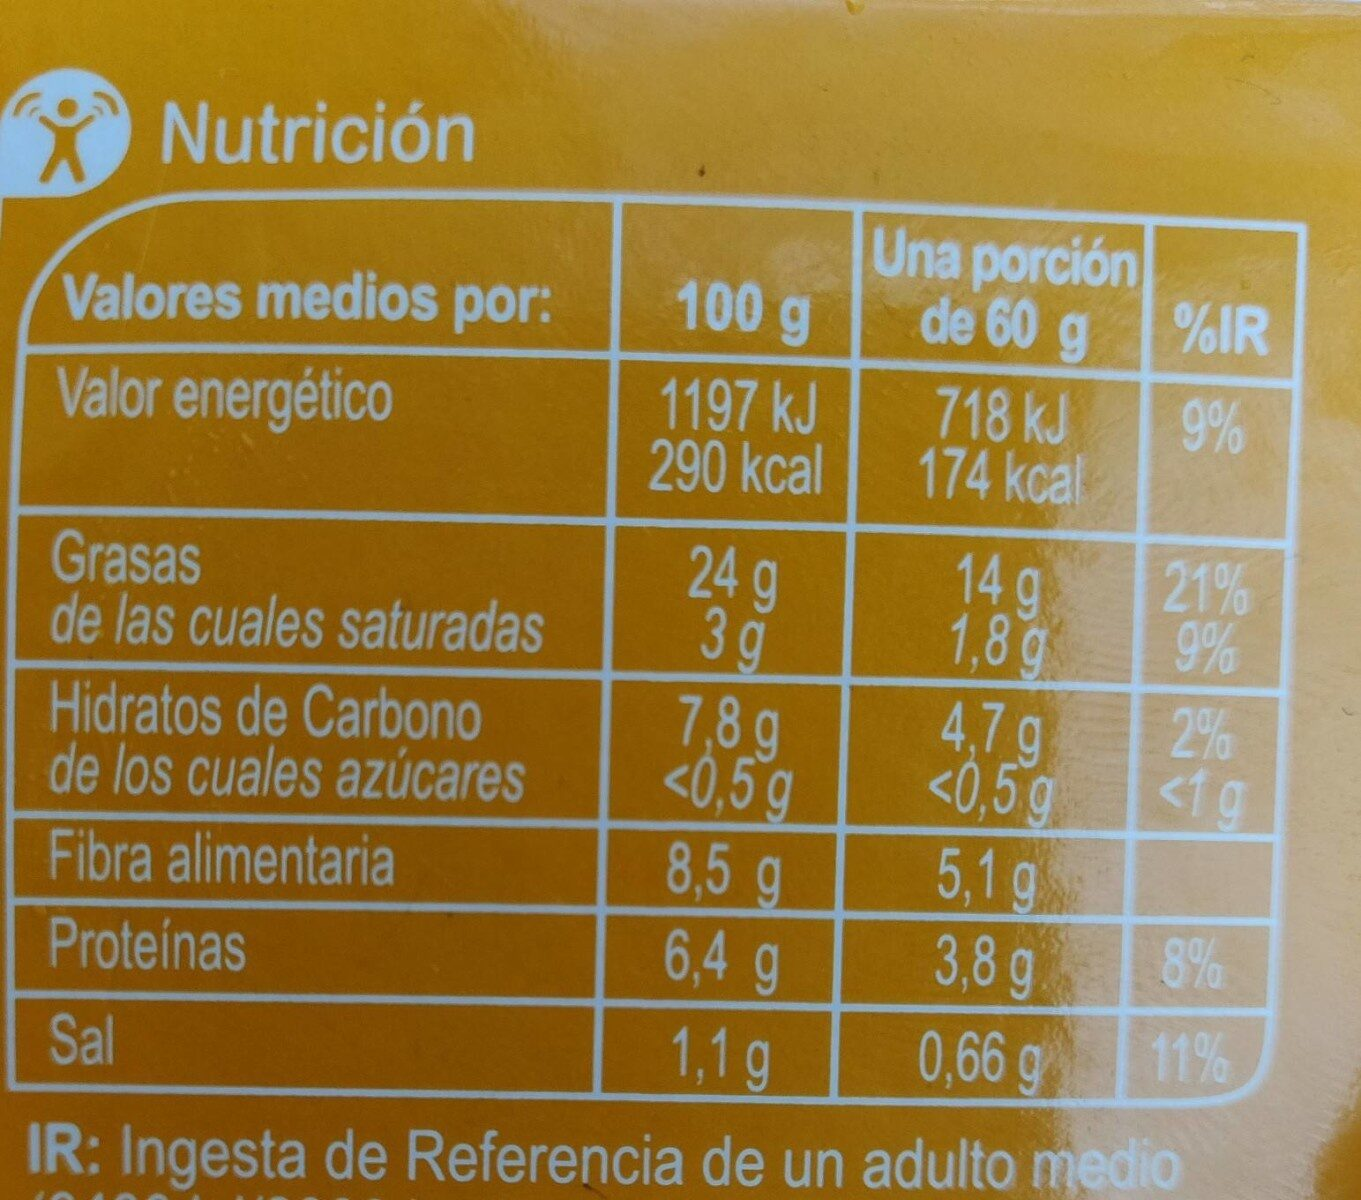 Hummus receta clasica - Información nutricional